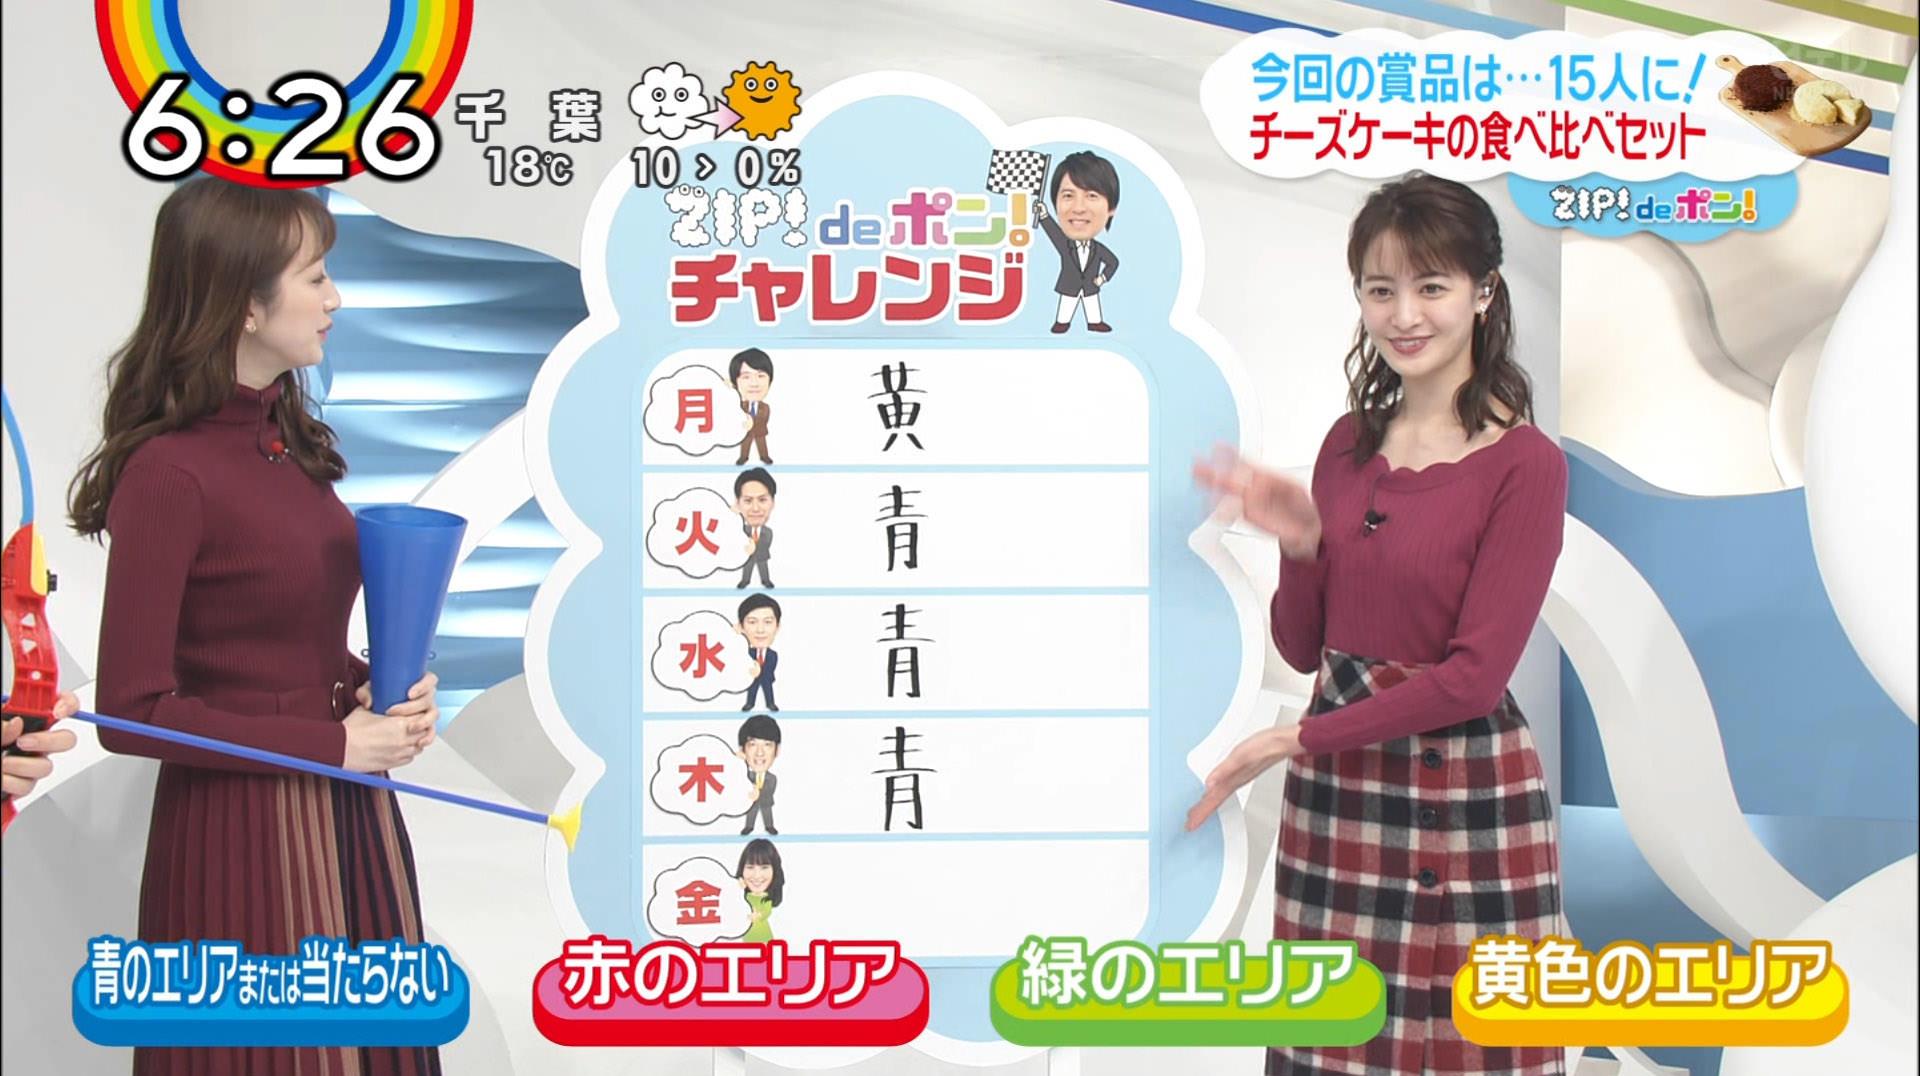 後呂有紗アナと團遥香キャスター 「ZIP☆」メンバーのニット乳☆